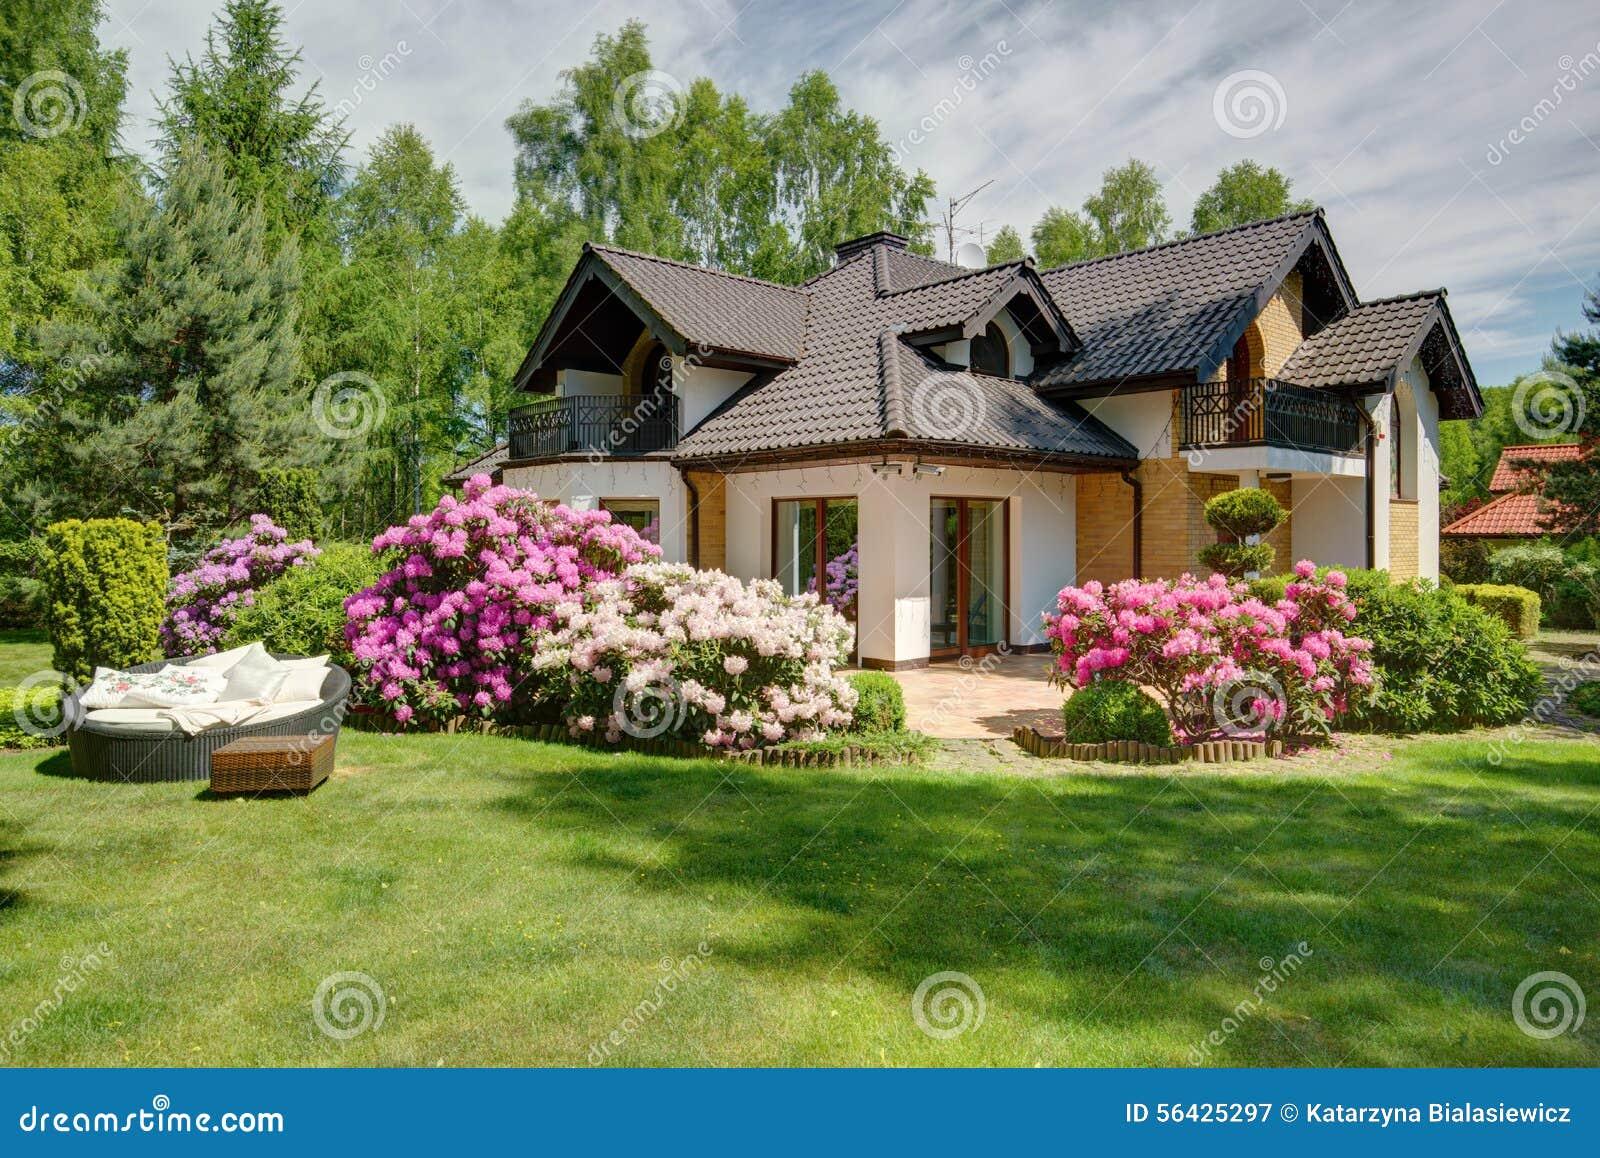 Красивый загородный дом с садом фото